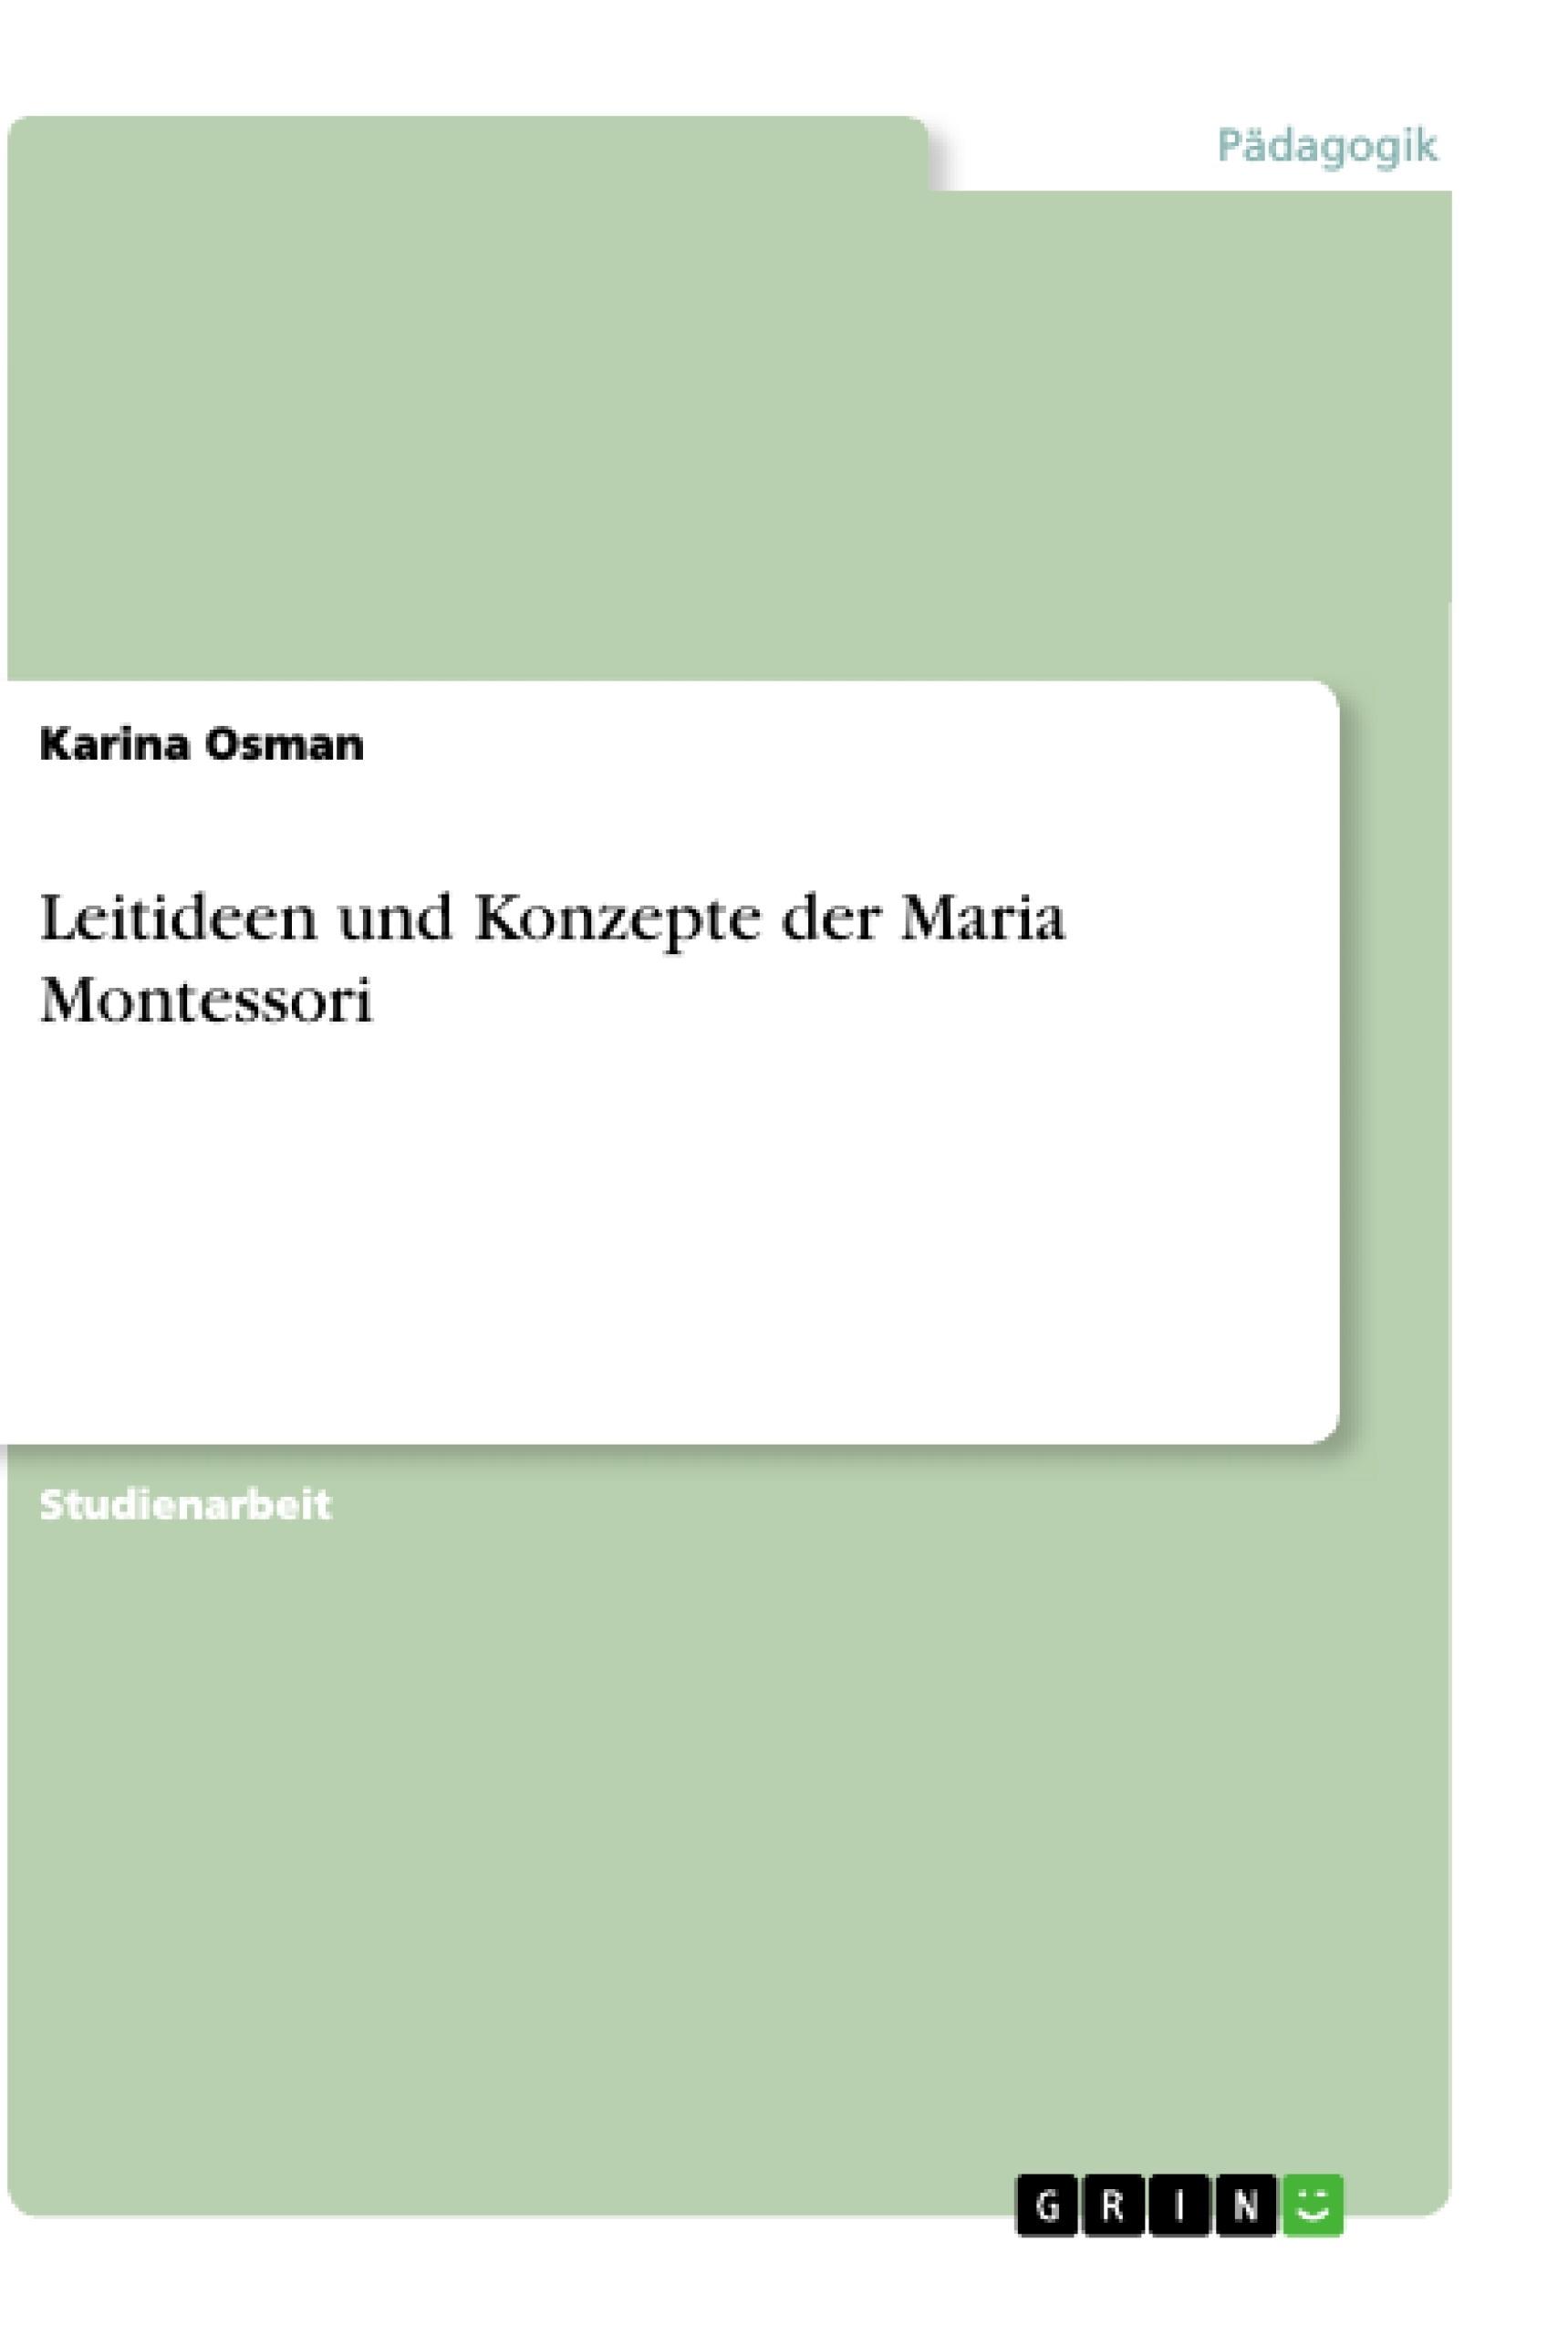 Titel: Leitideen und Konzepte der Maria Montessori